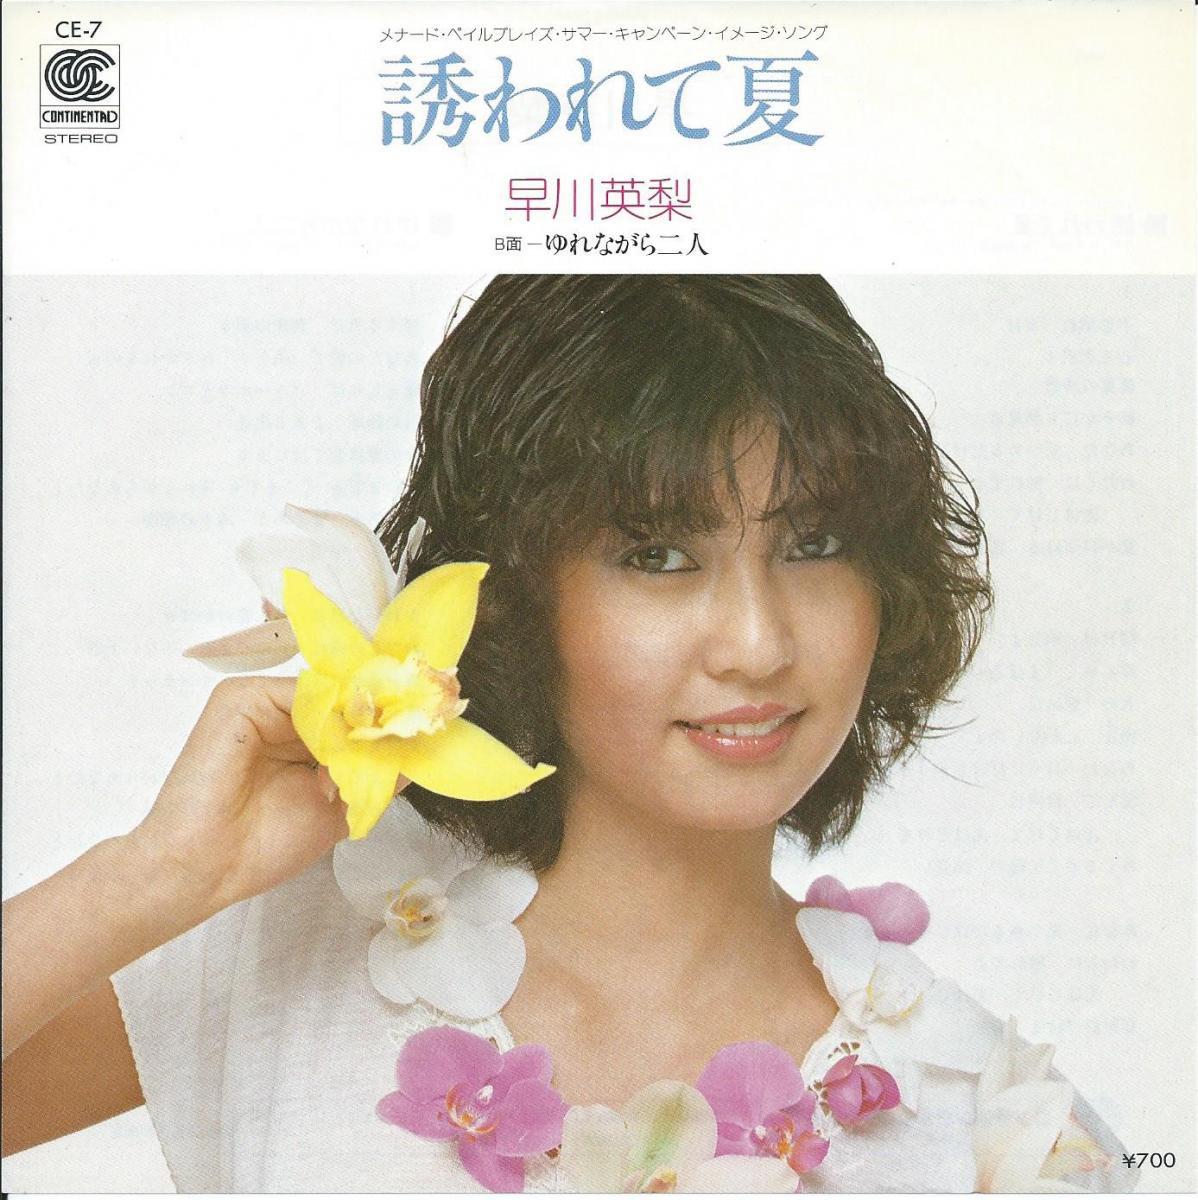 早川英梨 ERI HAYAKAWA (二名敦子 ATSUKO NINA) / 誘われて夏 / ゆれながら二人 (大野雄二) (7